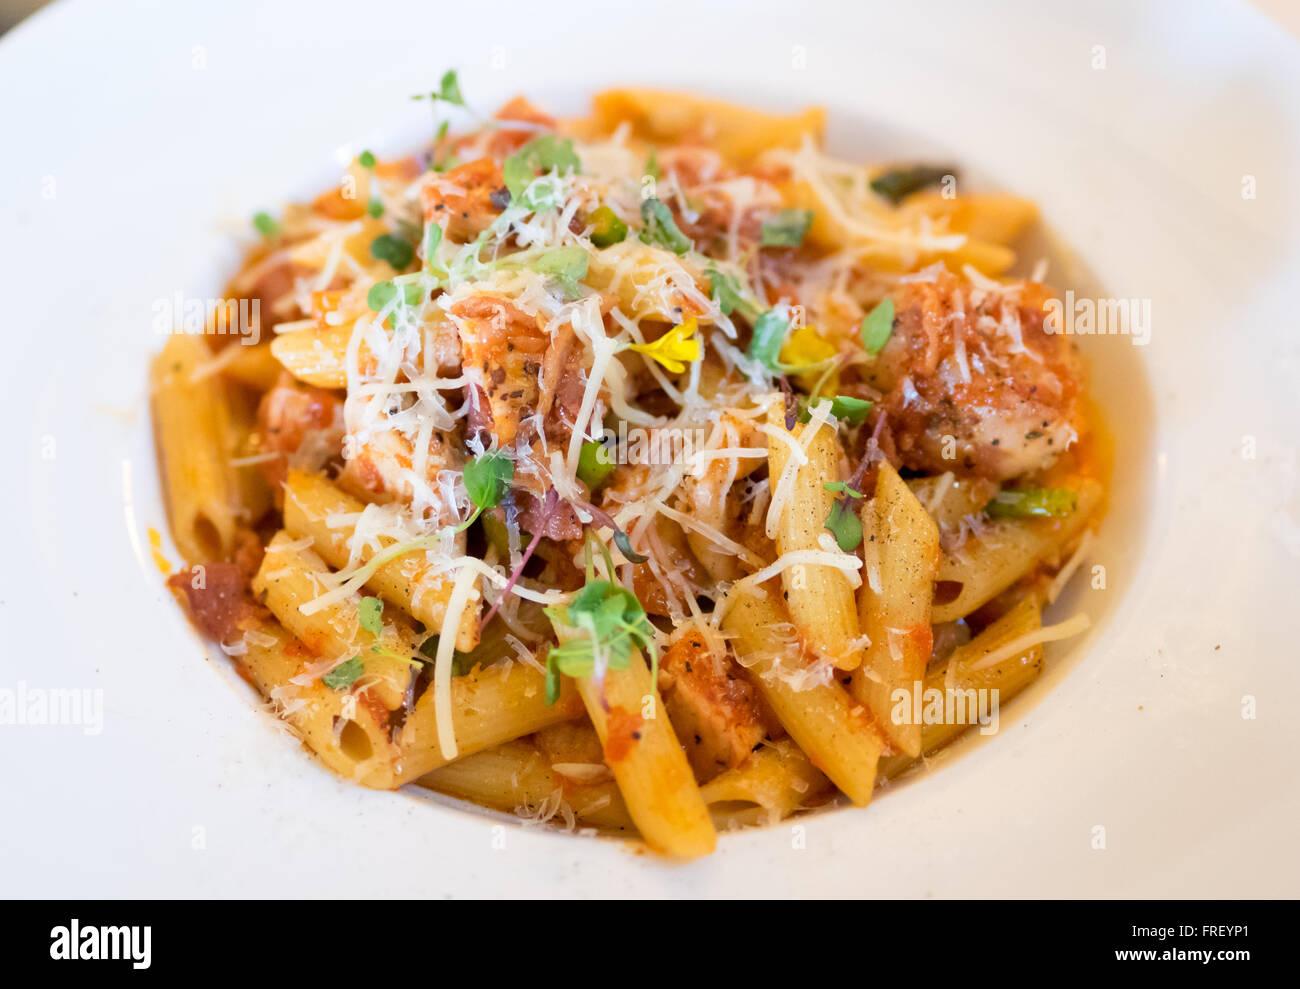 Un plato de penne pollo (Chicken), pasta de tomate y salsa de pimiento rojo con el Parmigiano Reggiano, el jabalí, el tocino y las semillas germinadas. Foto de stock